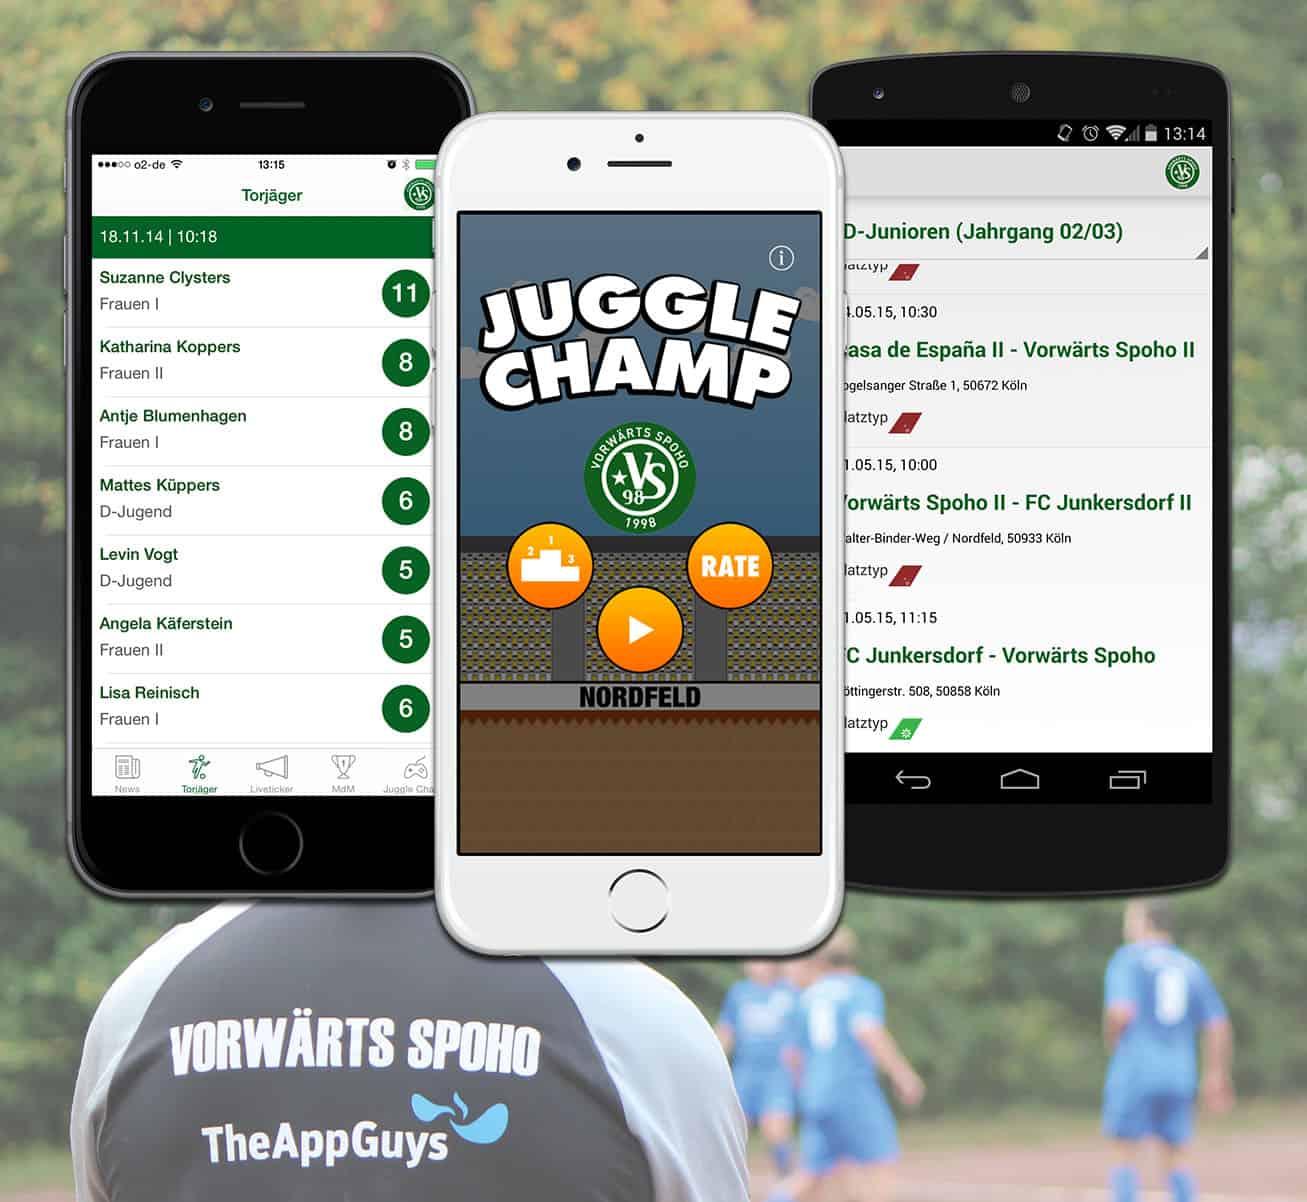 Kölner Fußballverein verlängert seinen Online-Auftritt auf das Smartphone 'VS98' ab sofort gratis für iPhone und Android erhältlich